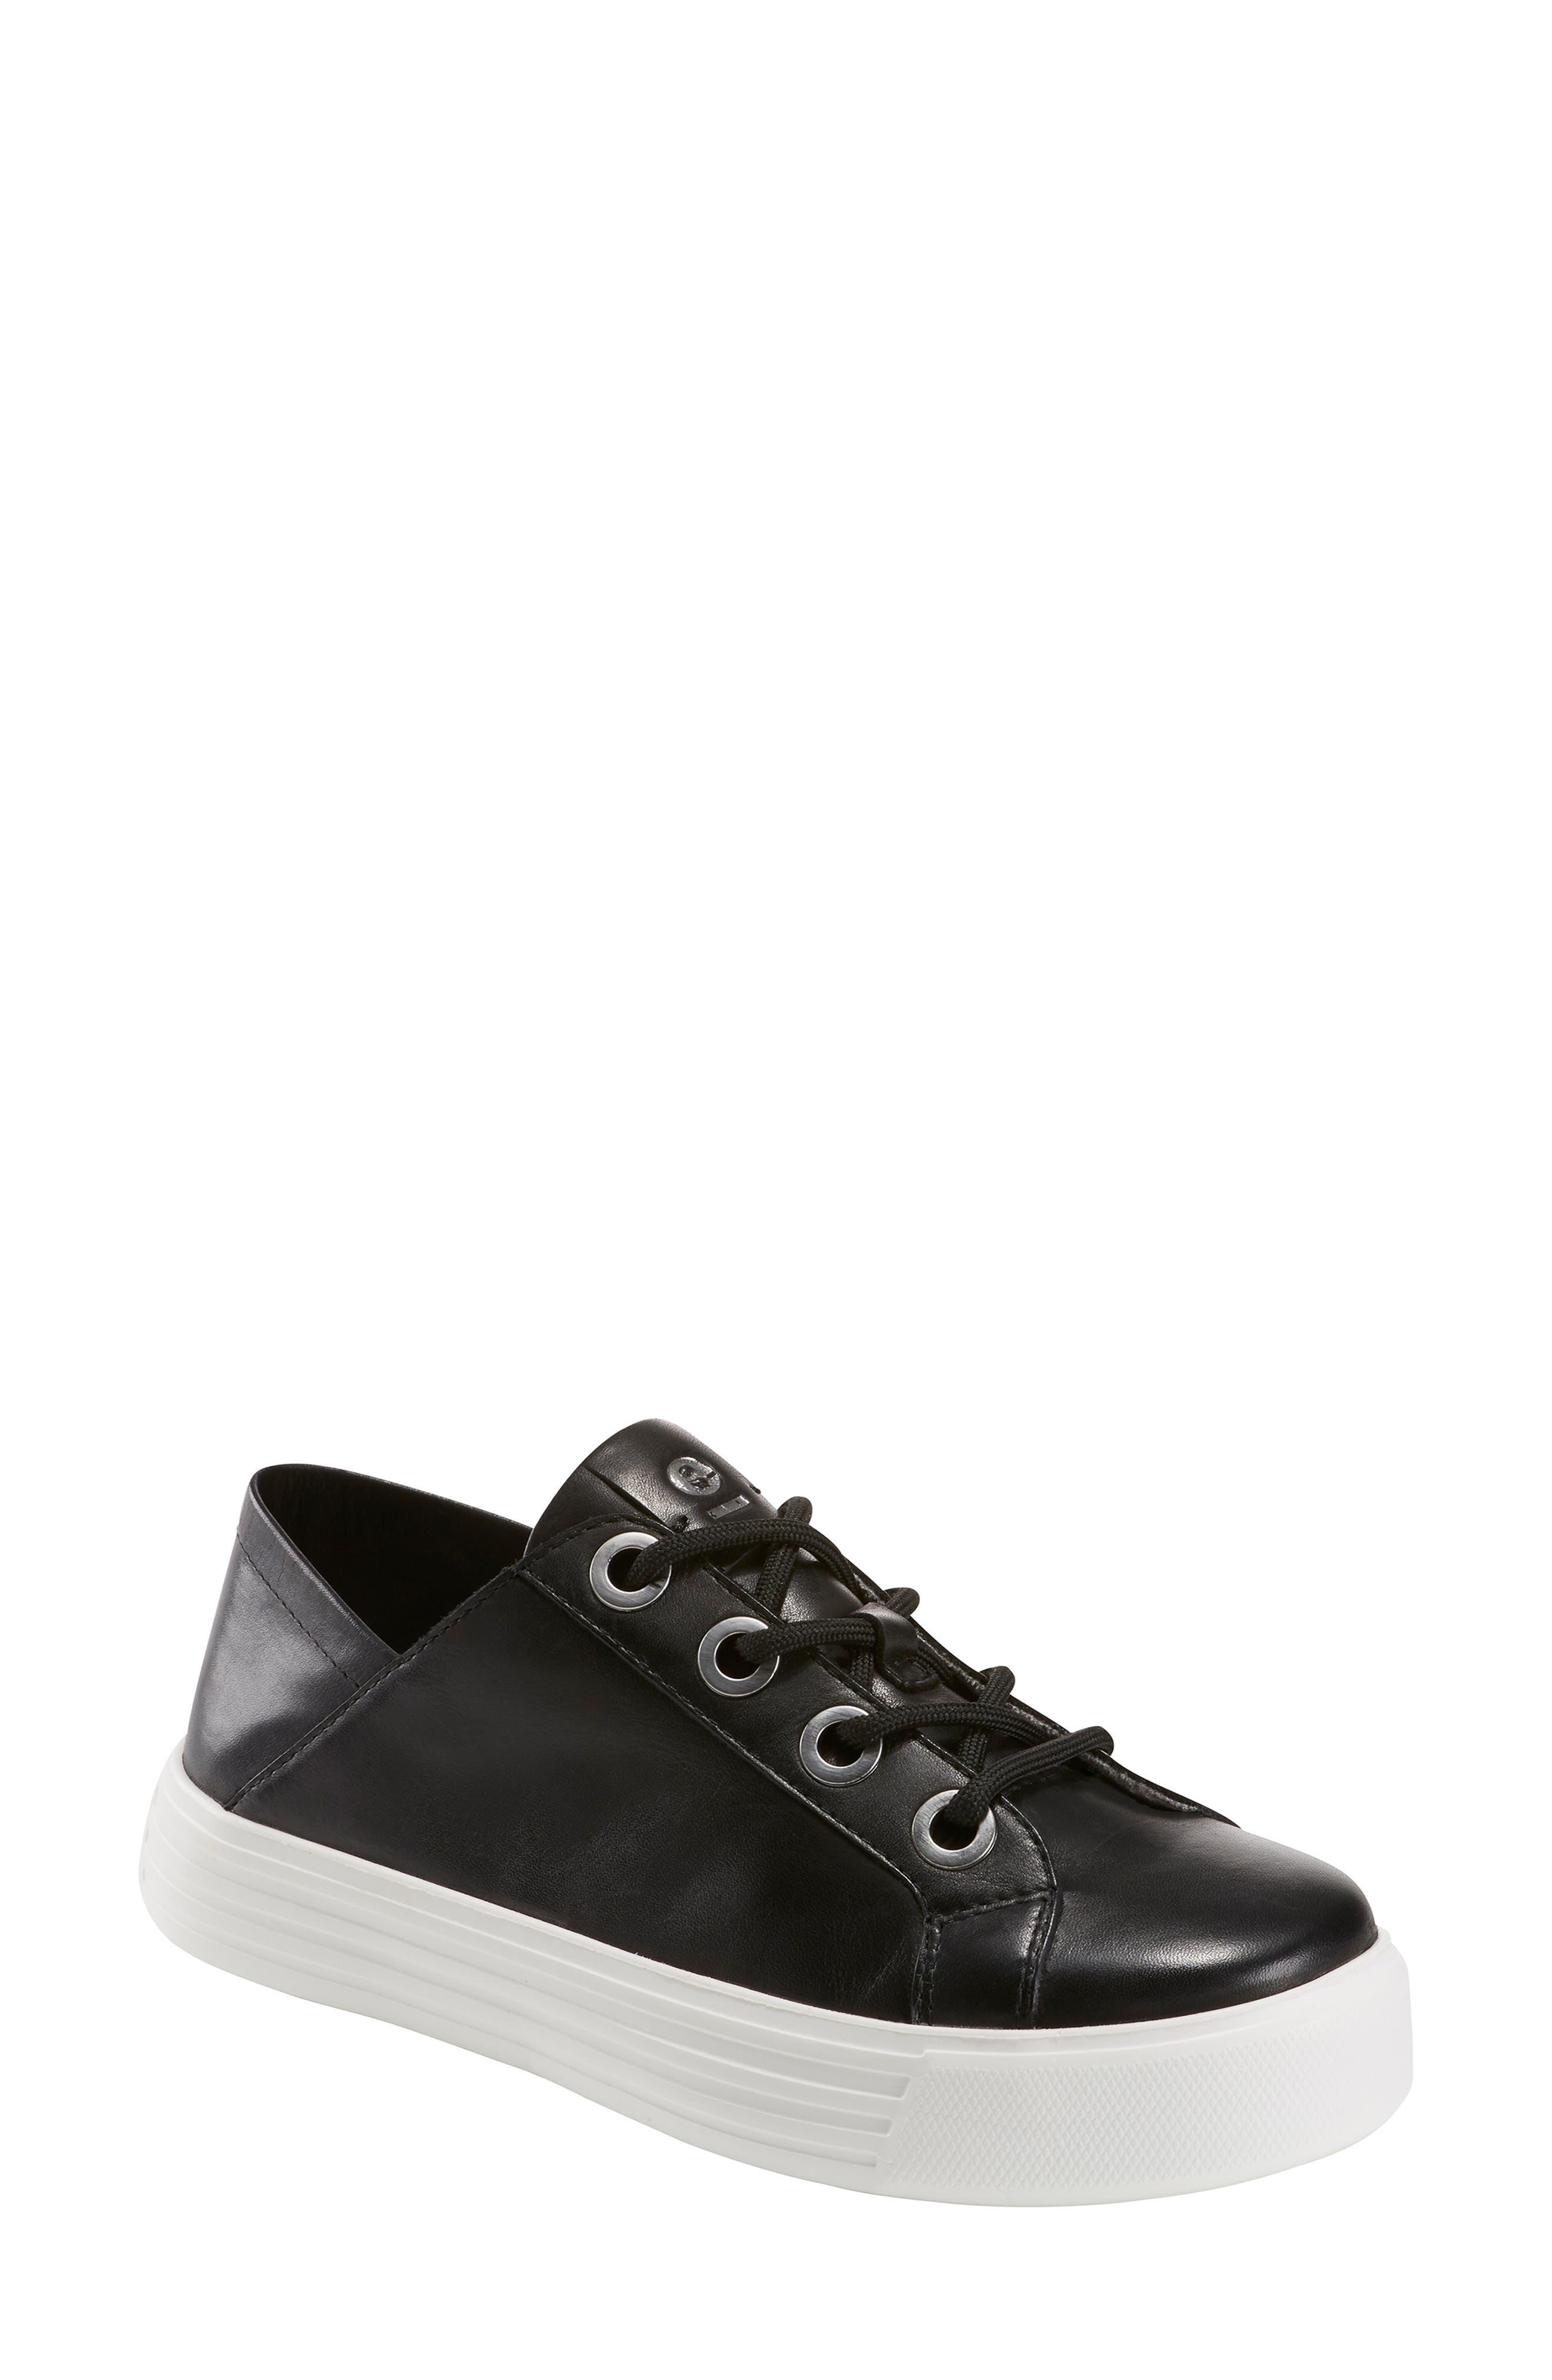 Earth Cedarwood Convertible Sneaker, Beige